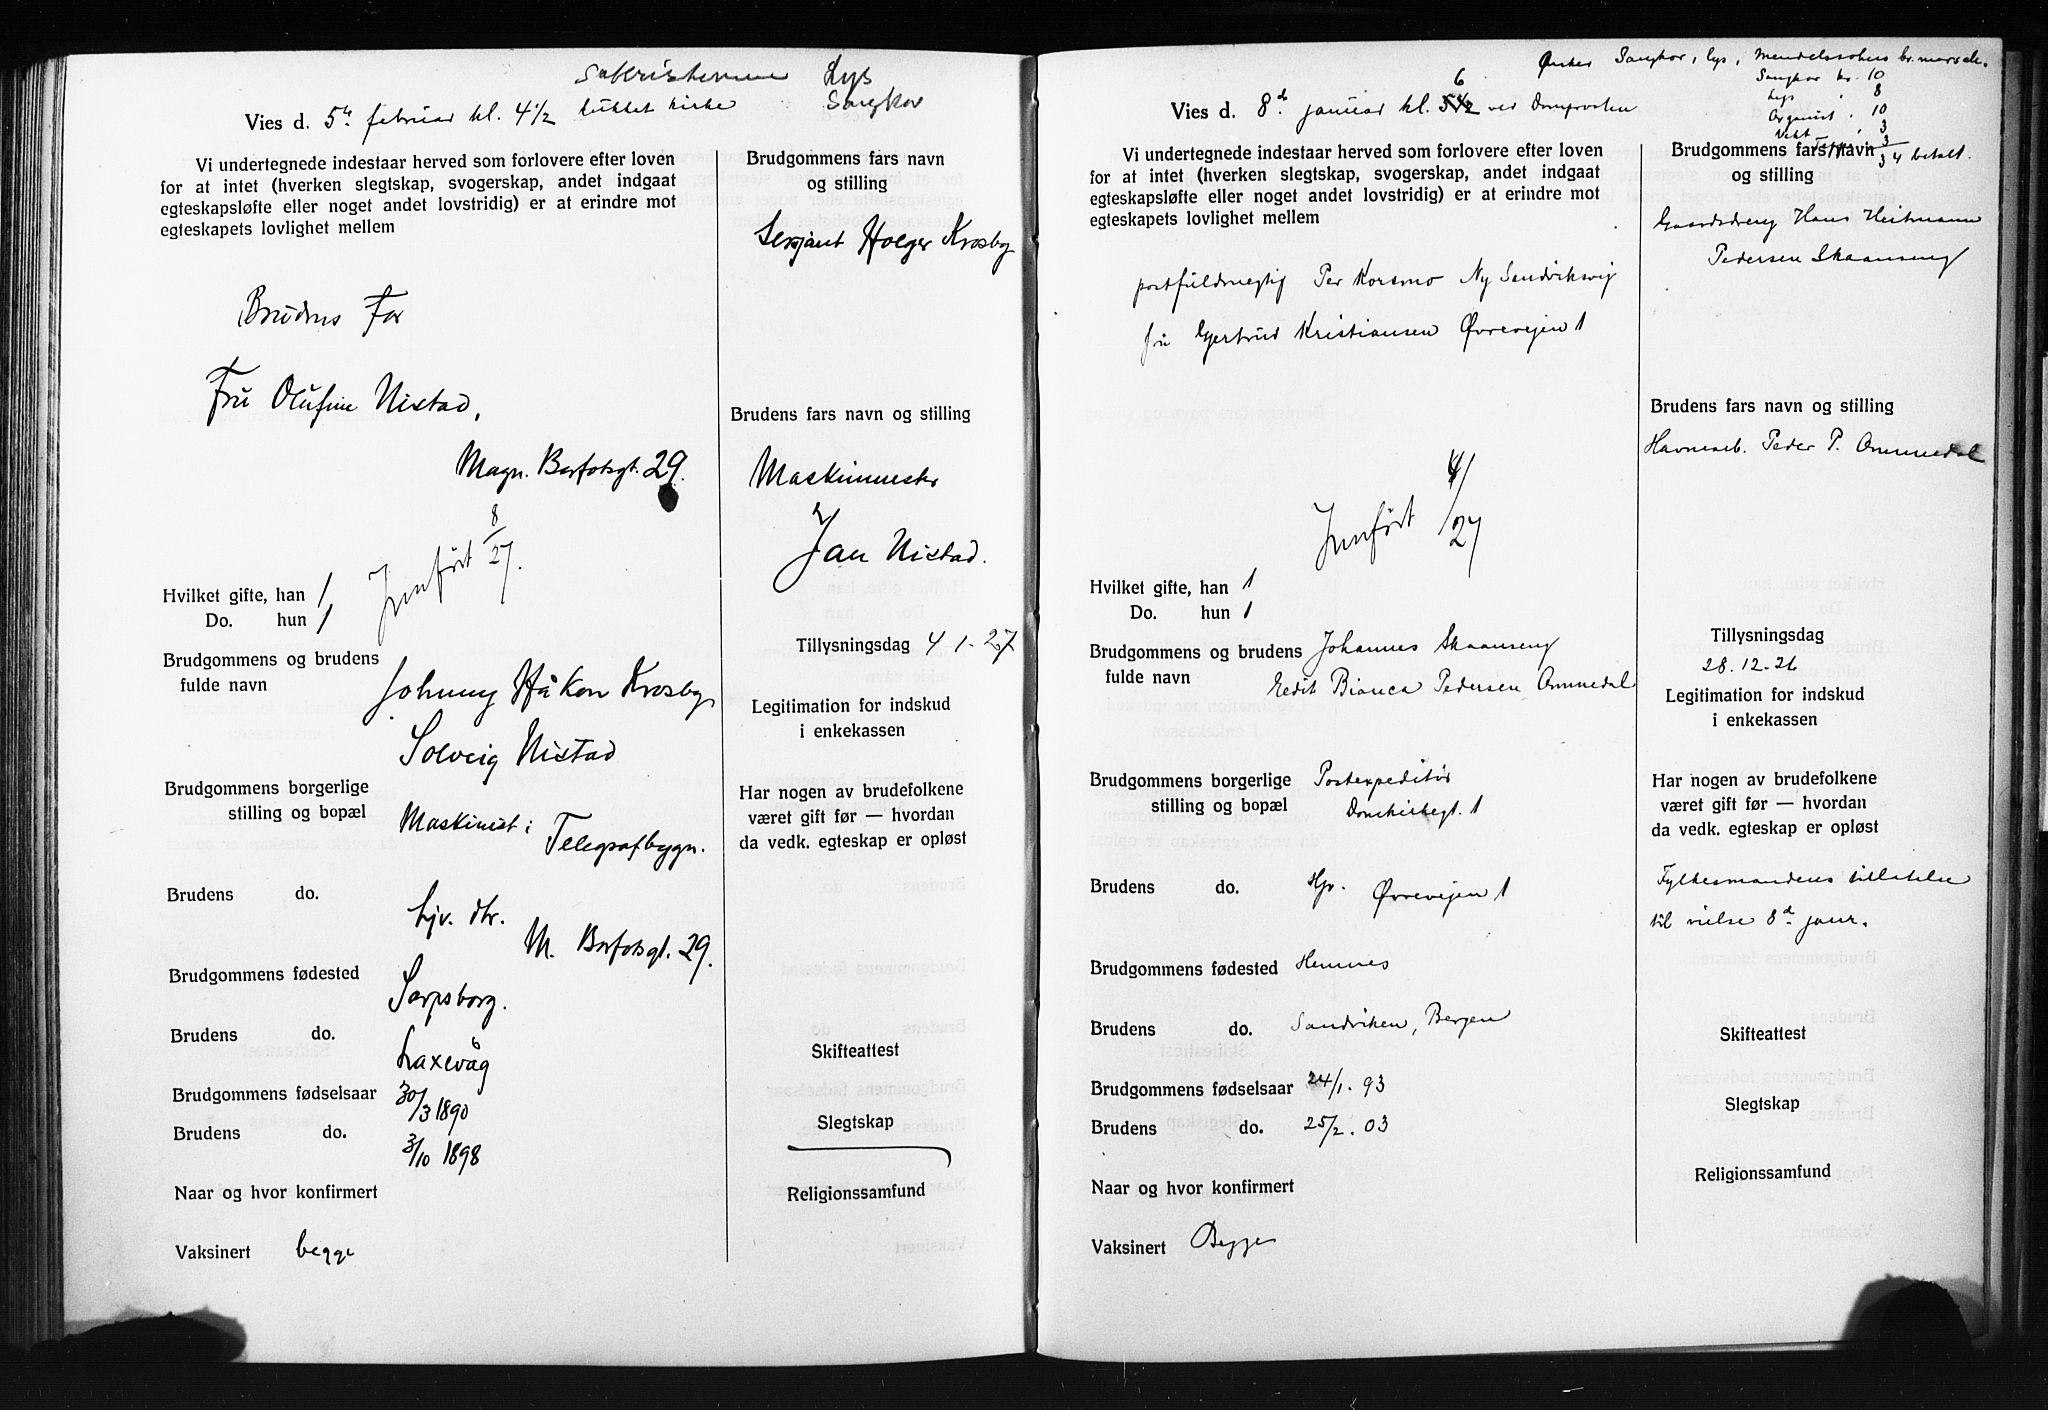 SAB, Domkirken Sokneprestembete, Forlovererklæringer nr. II.5.14, 1922-1927, s. 341